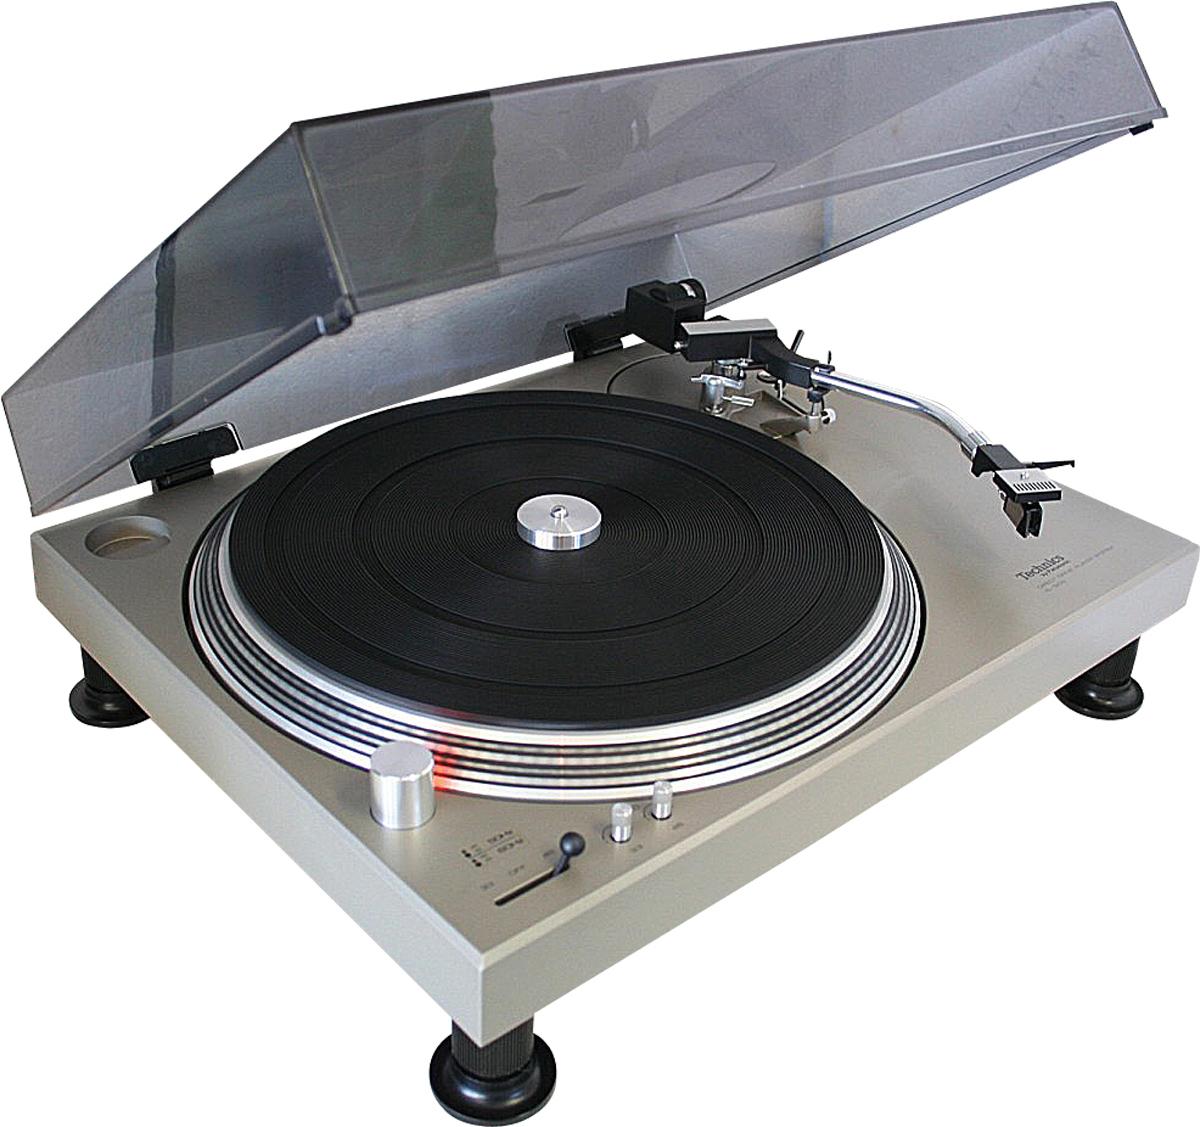 Der Original Technics 1200 von 1973.